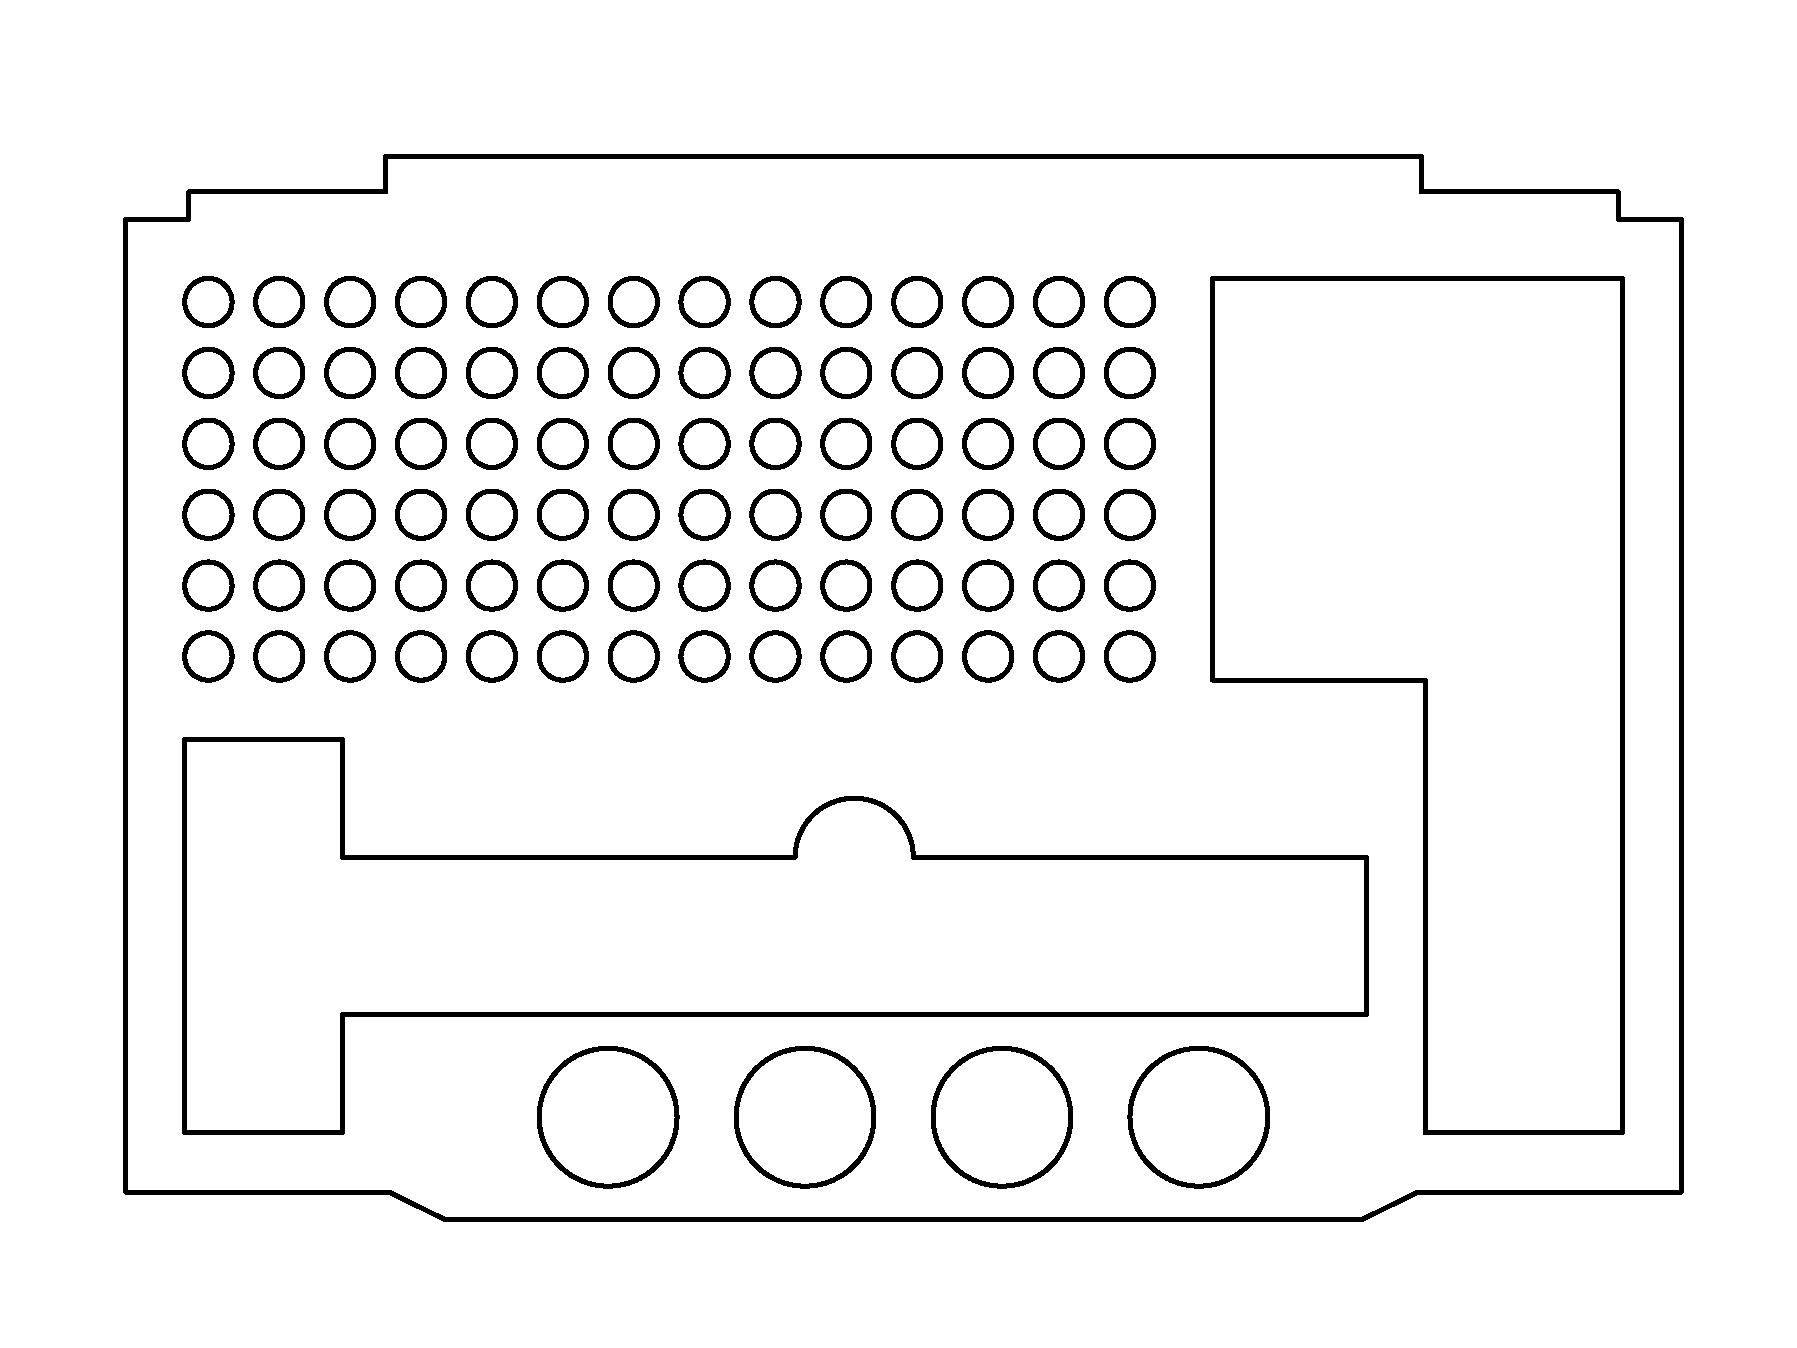 Bolzenkoffer_Auer Zeichnung v1